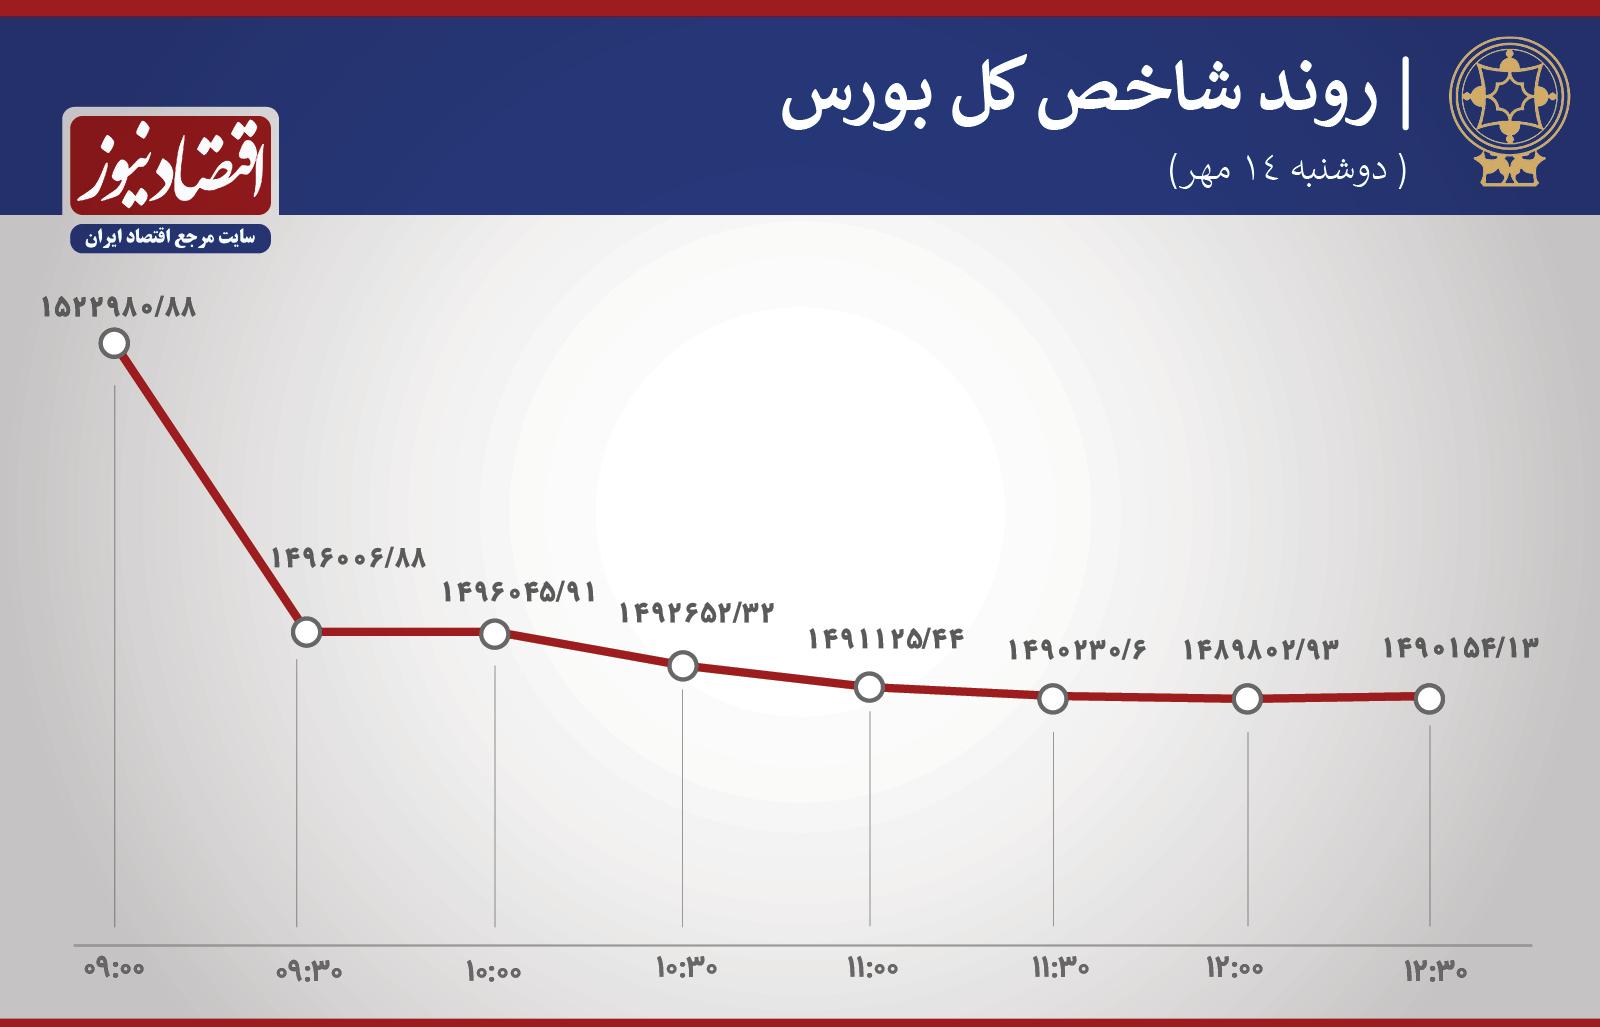 سقوط۱۵ دقیقهای بورس تهران/ افت ارزش سهام ۱۰ غول شاخصساز